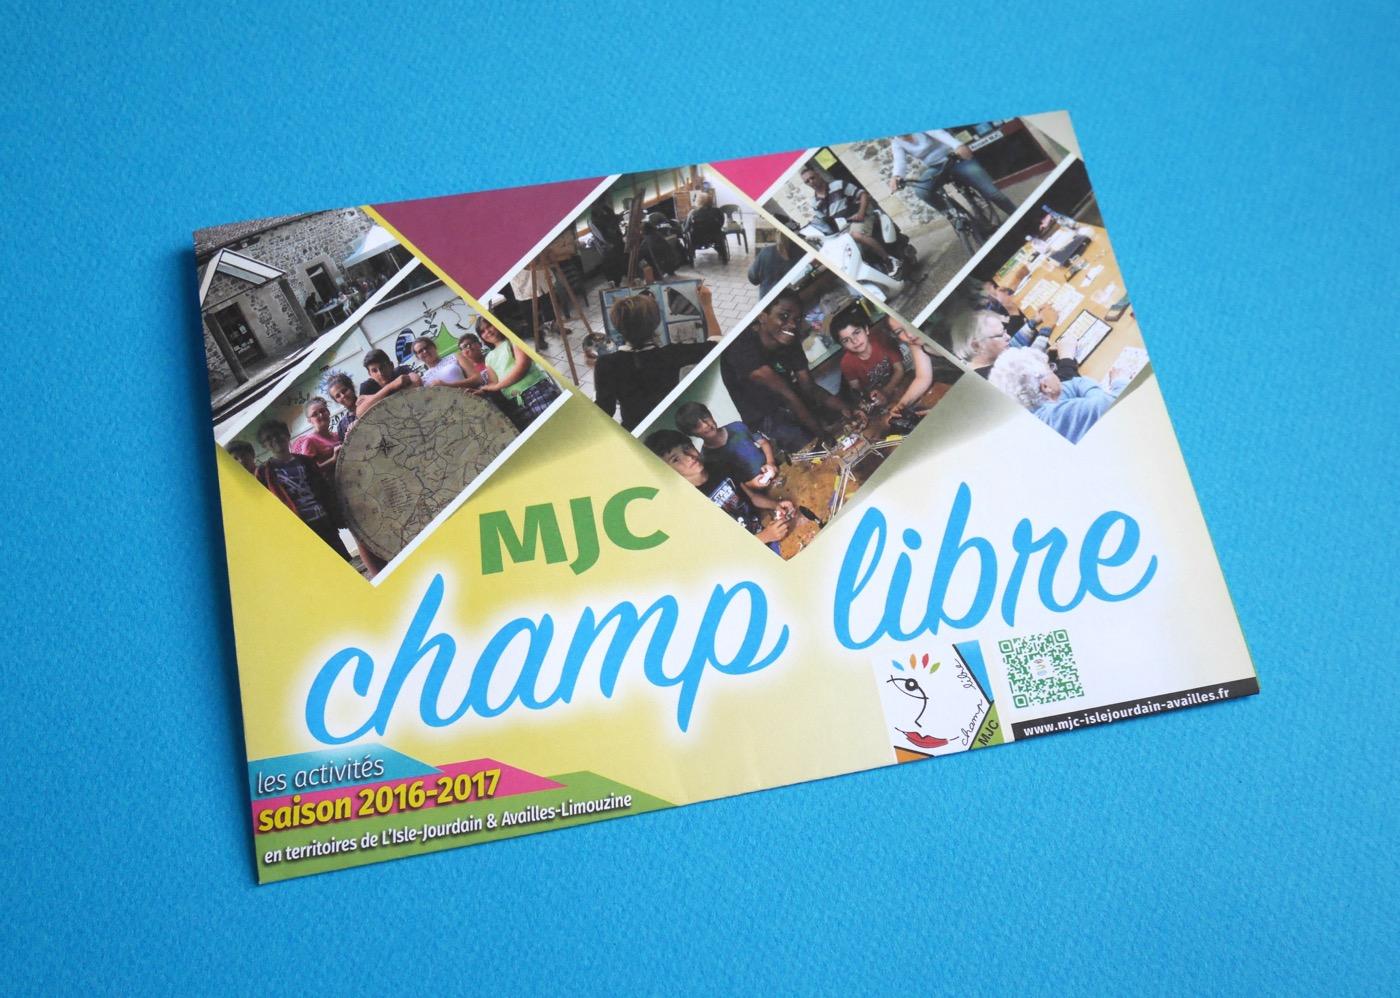 mjc-champ-libre-1